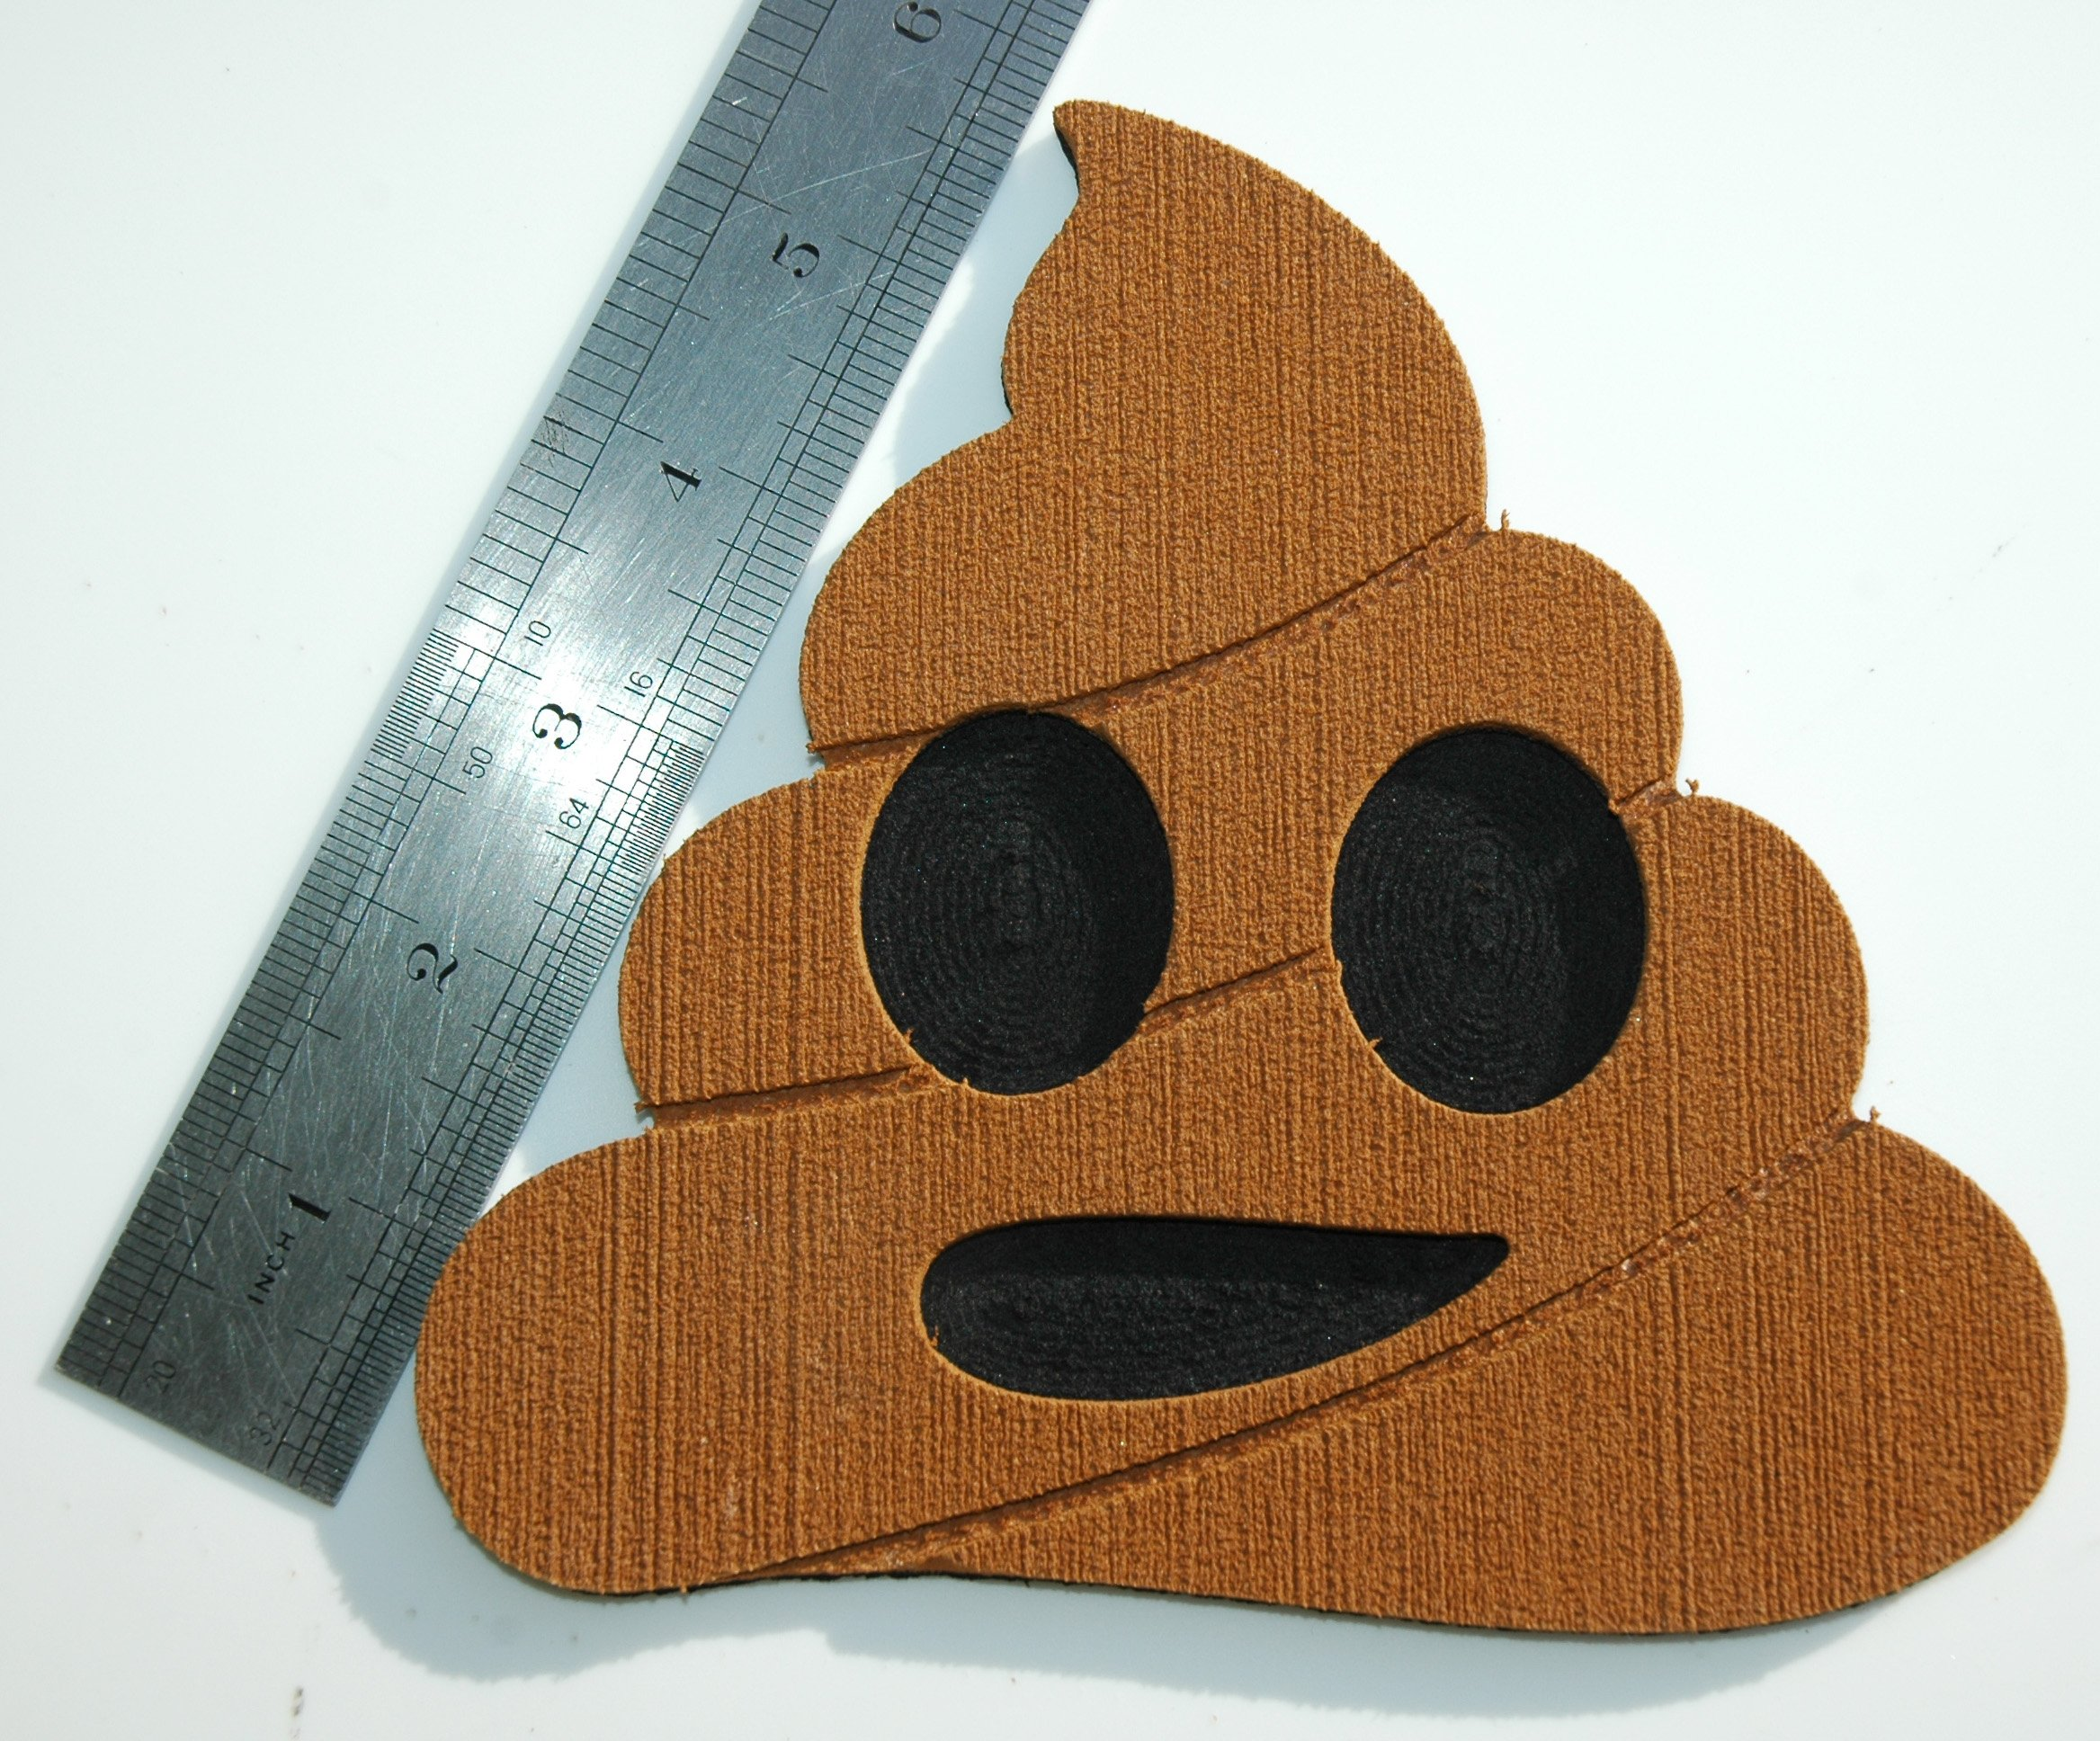 Toejamr Snowboard Stomp Pad Poo Emoji Brown